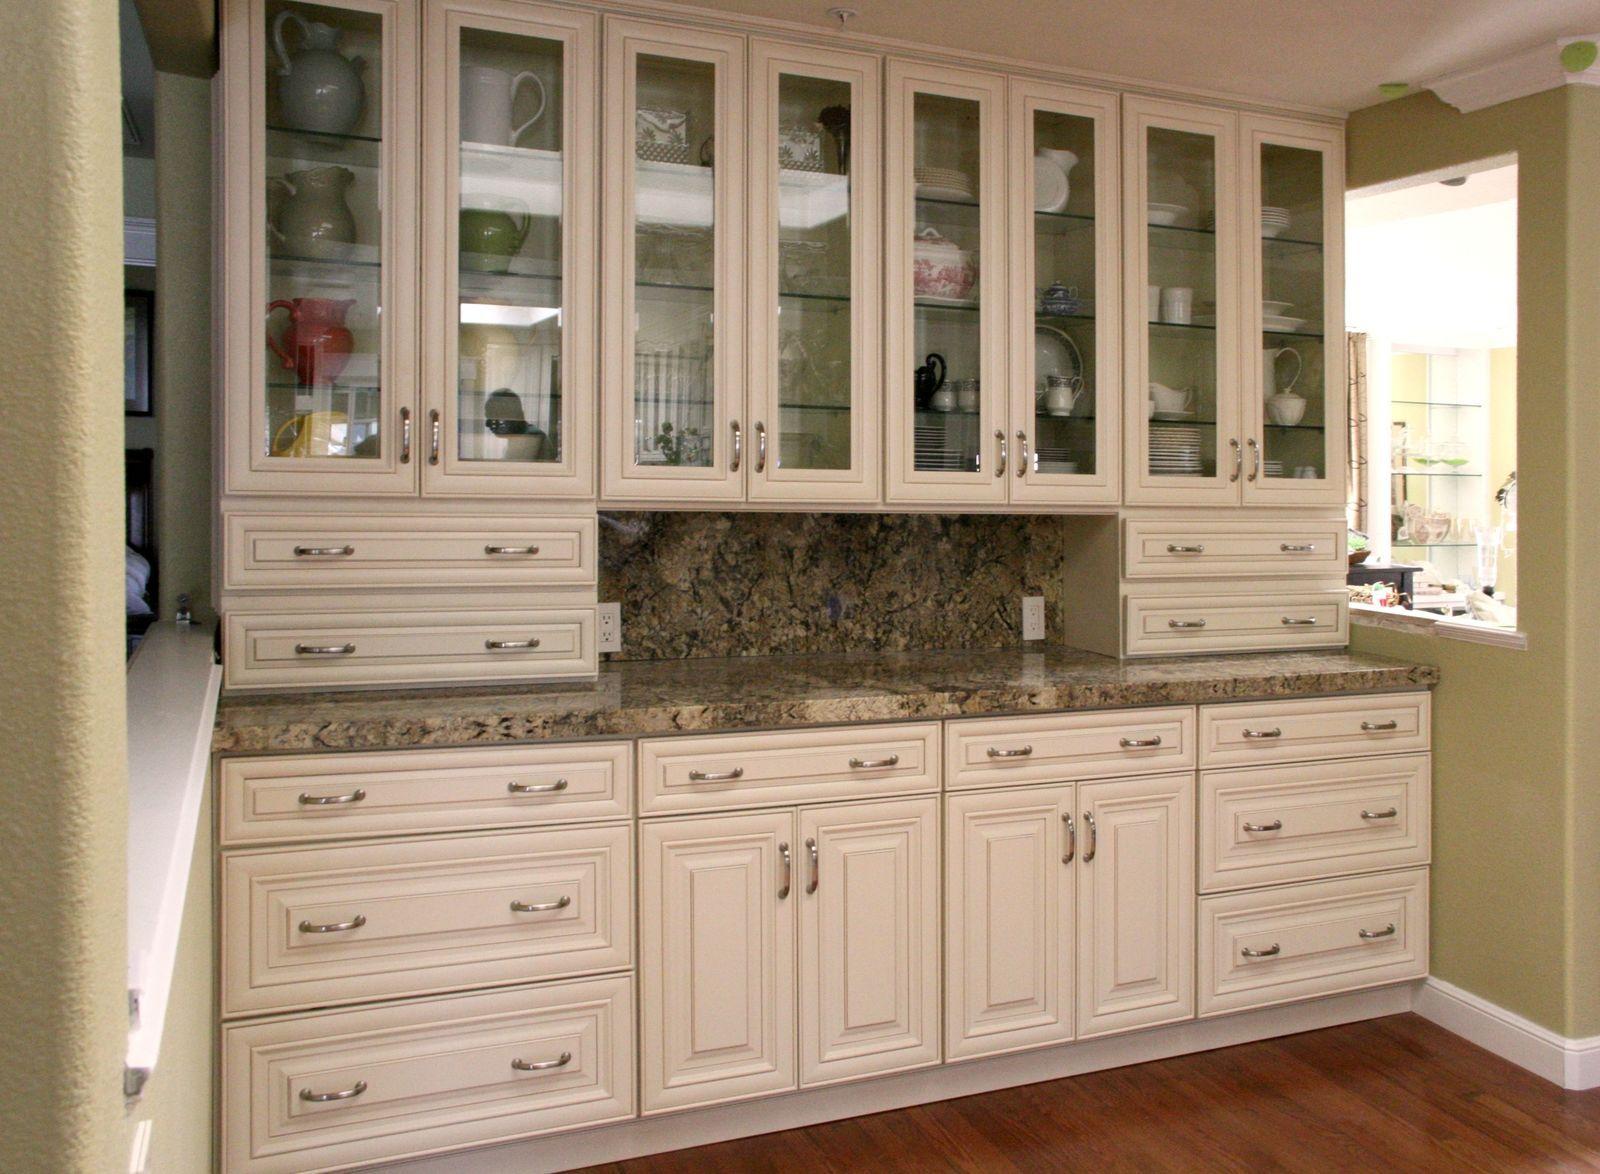 1001 Now Kitchen Cabinets Maple Glaze Collection Solid Wood Soft Close Interior Design Kitchen Contemporary Interior Design Kitchen Small Kitchen Interior Design Modern